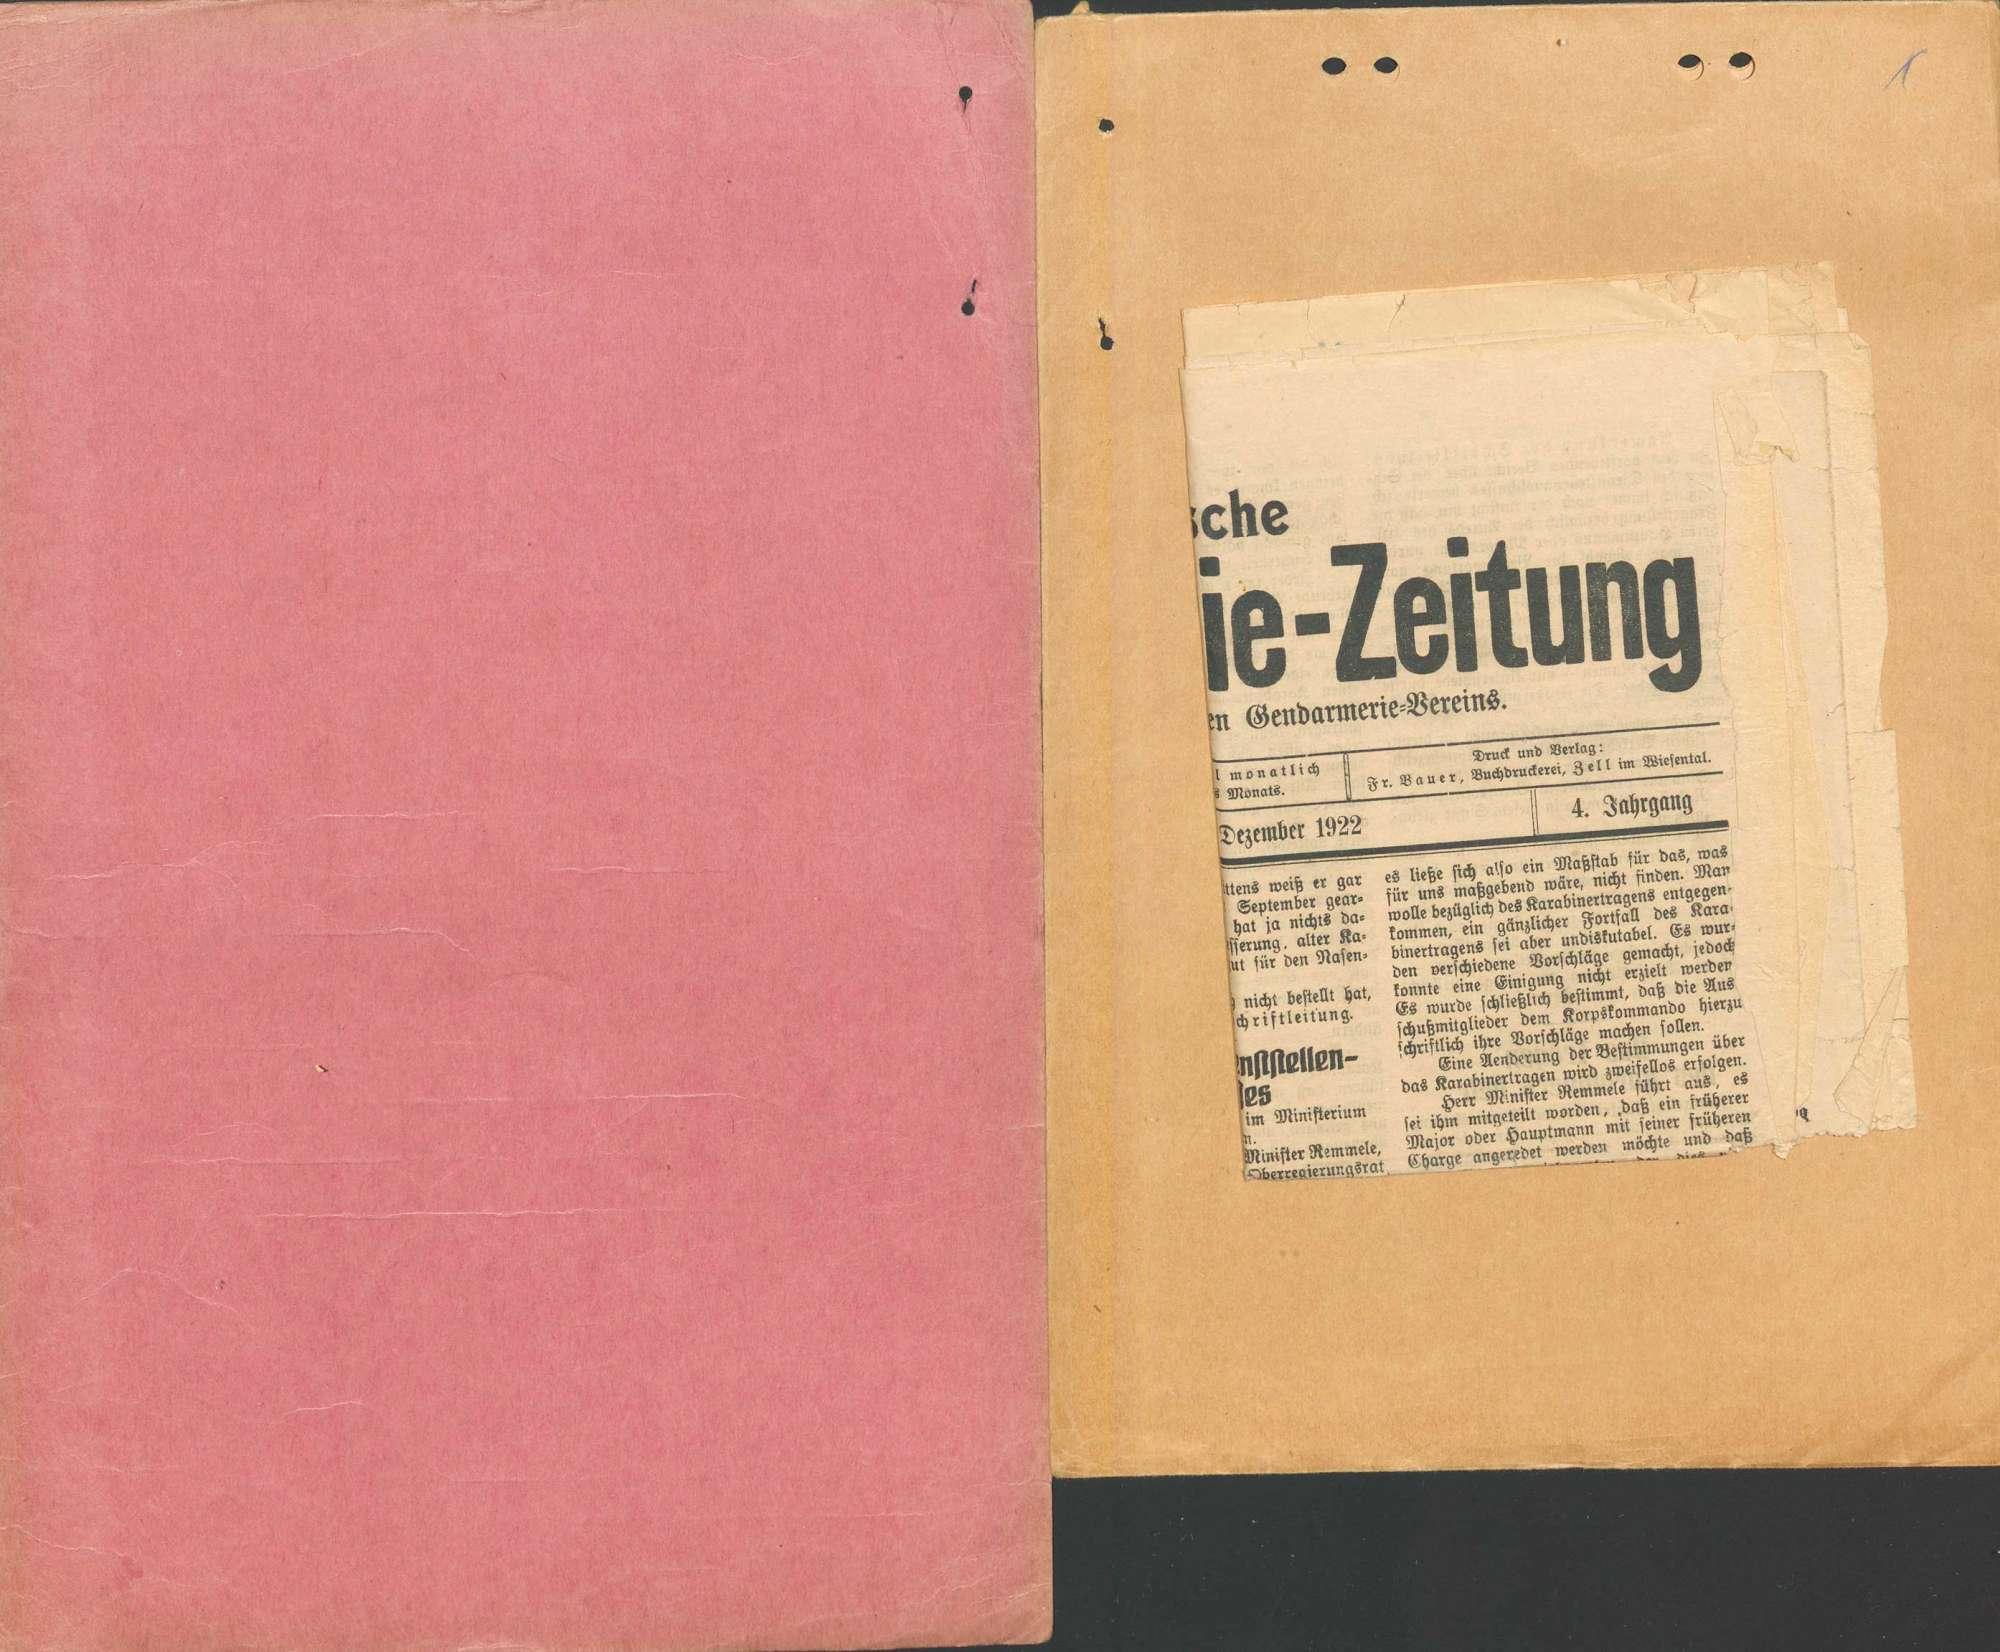 Johann Schmid, Gießer, Eigeltingen wegen Totschlags (an Major Scherer, Singen, im Anschluss an eine Demonstration wegen des Rathenau-Mordes), Bild 2